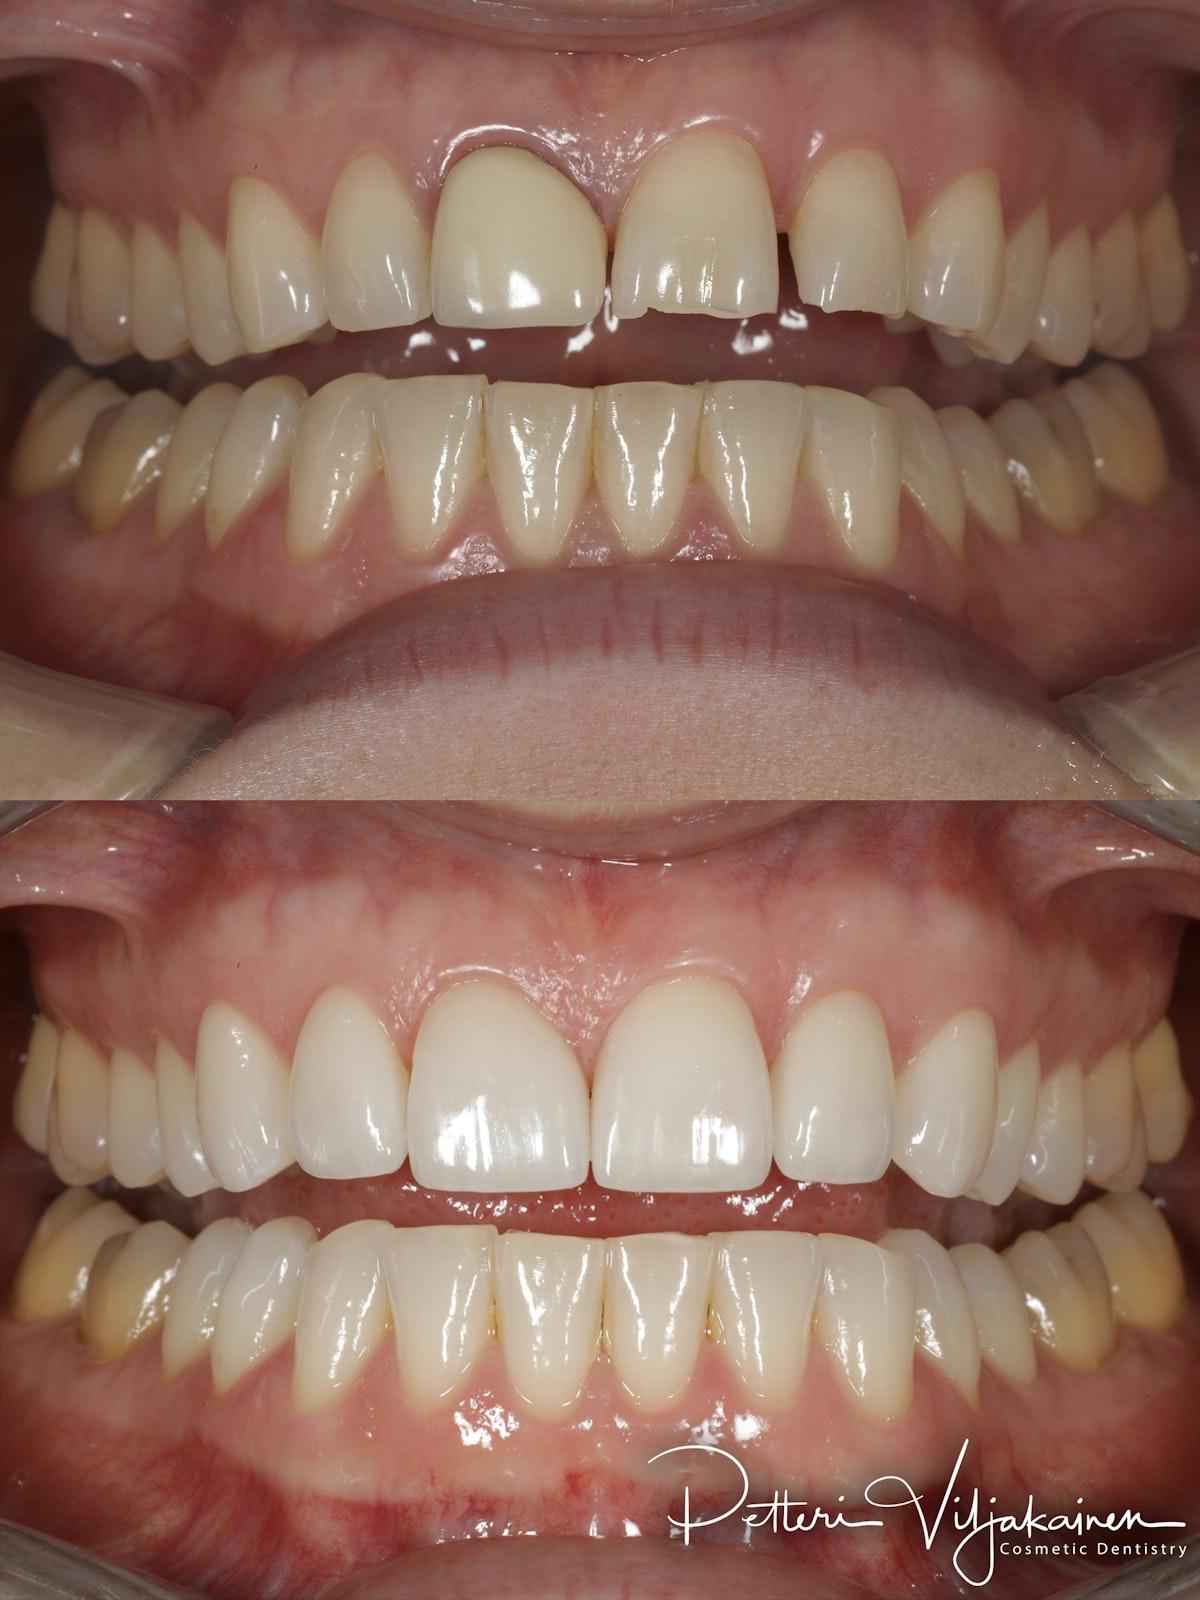 Esteettinen hammashoito ennen jälkeen. Keraamiset kuoret eli hammaslaminaatit kuudessa yläetuhampaassa.